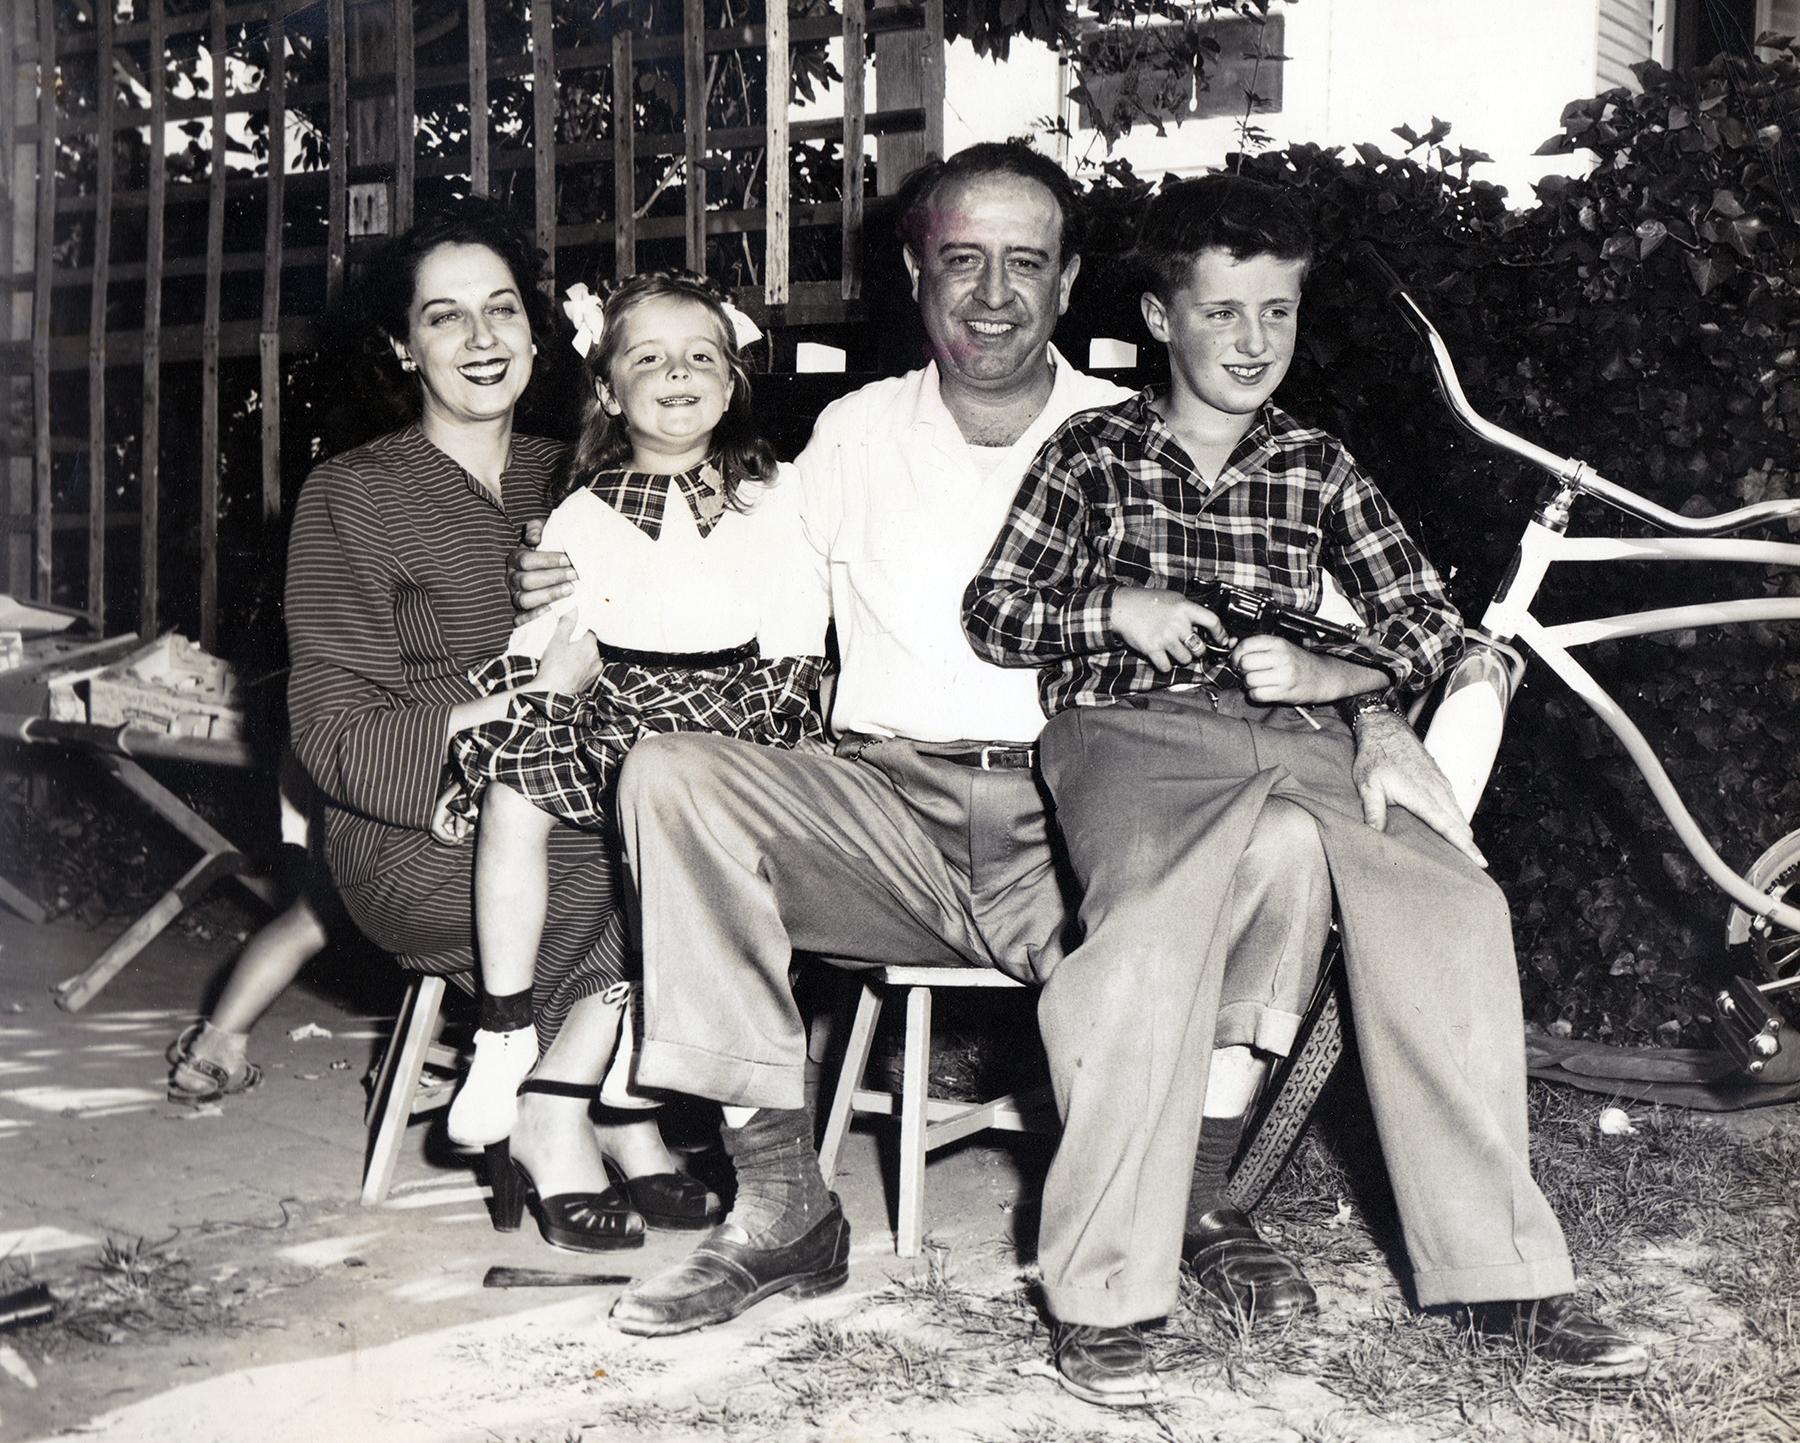 judee sill family